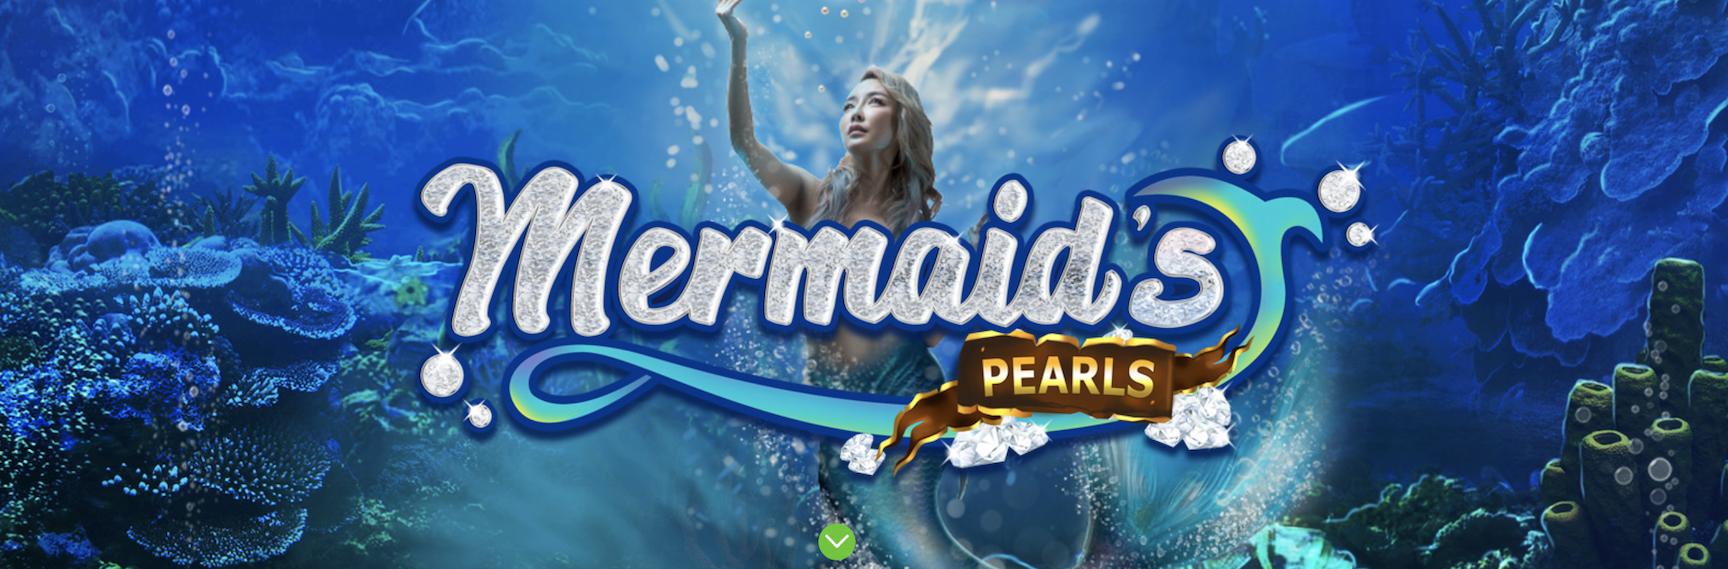 MermaidsPearl